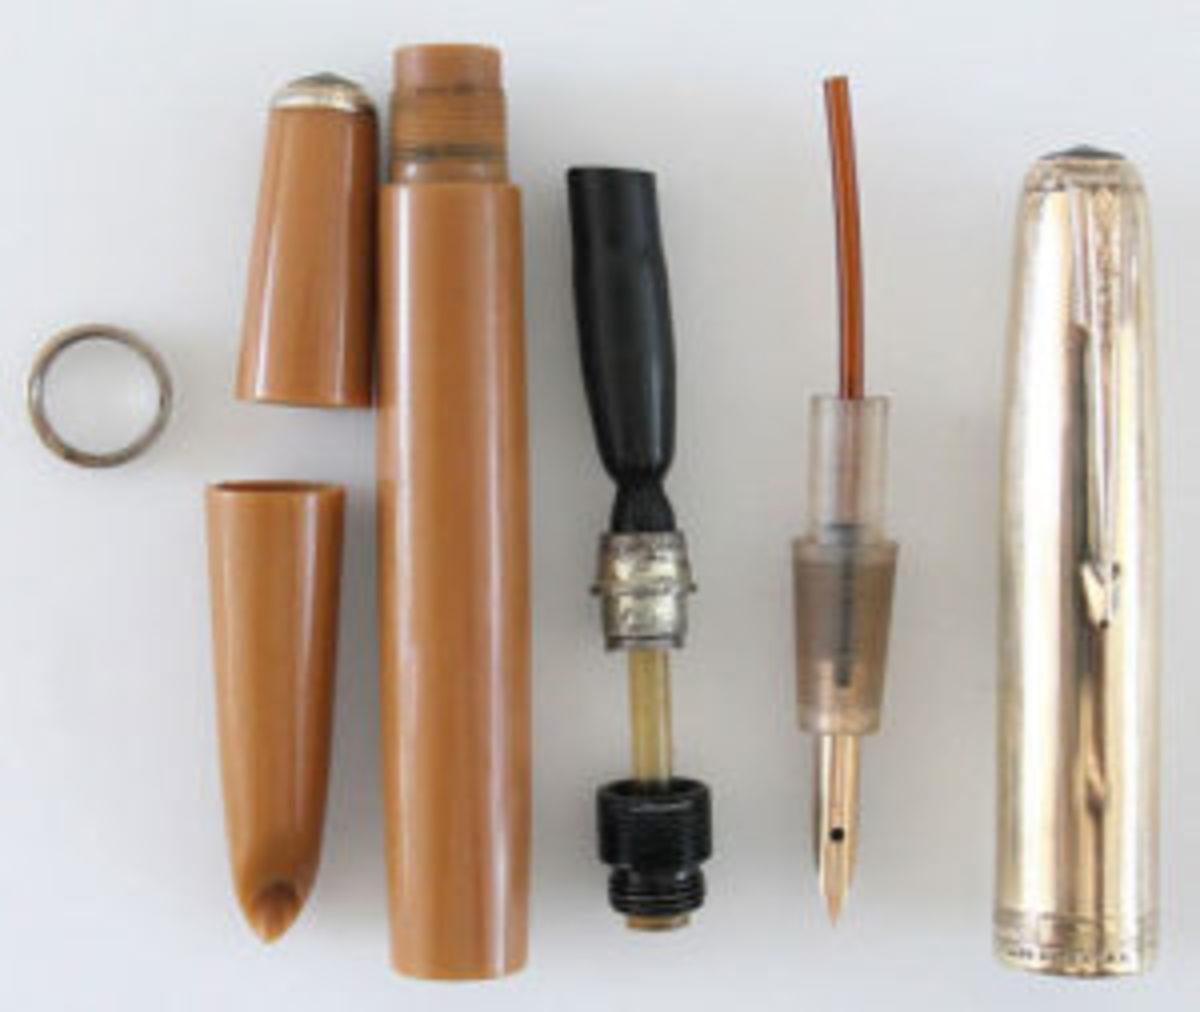 Parker 51 fountain pen